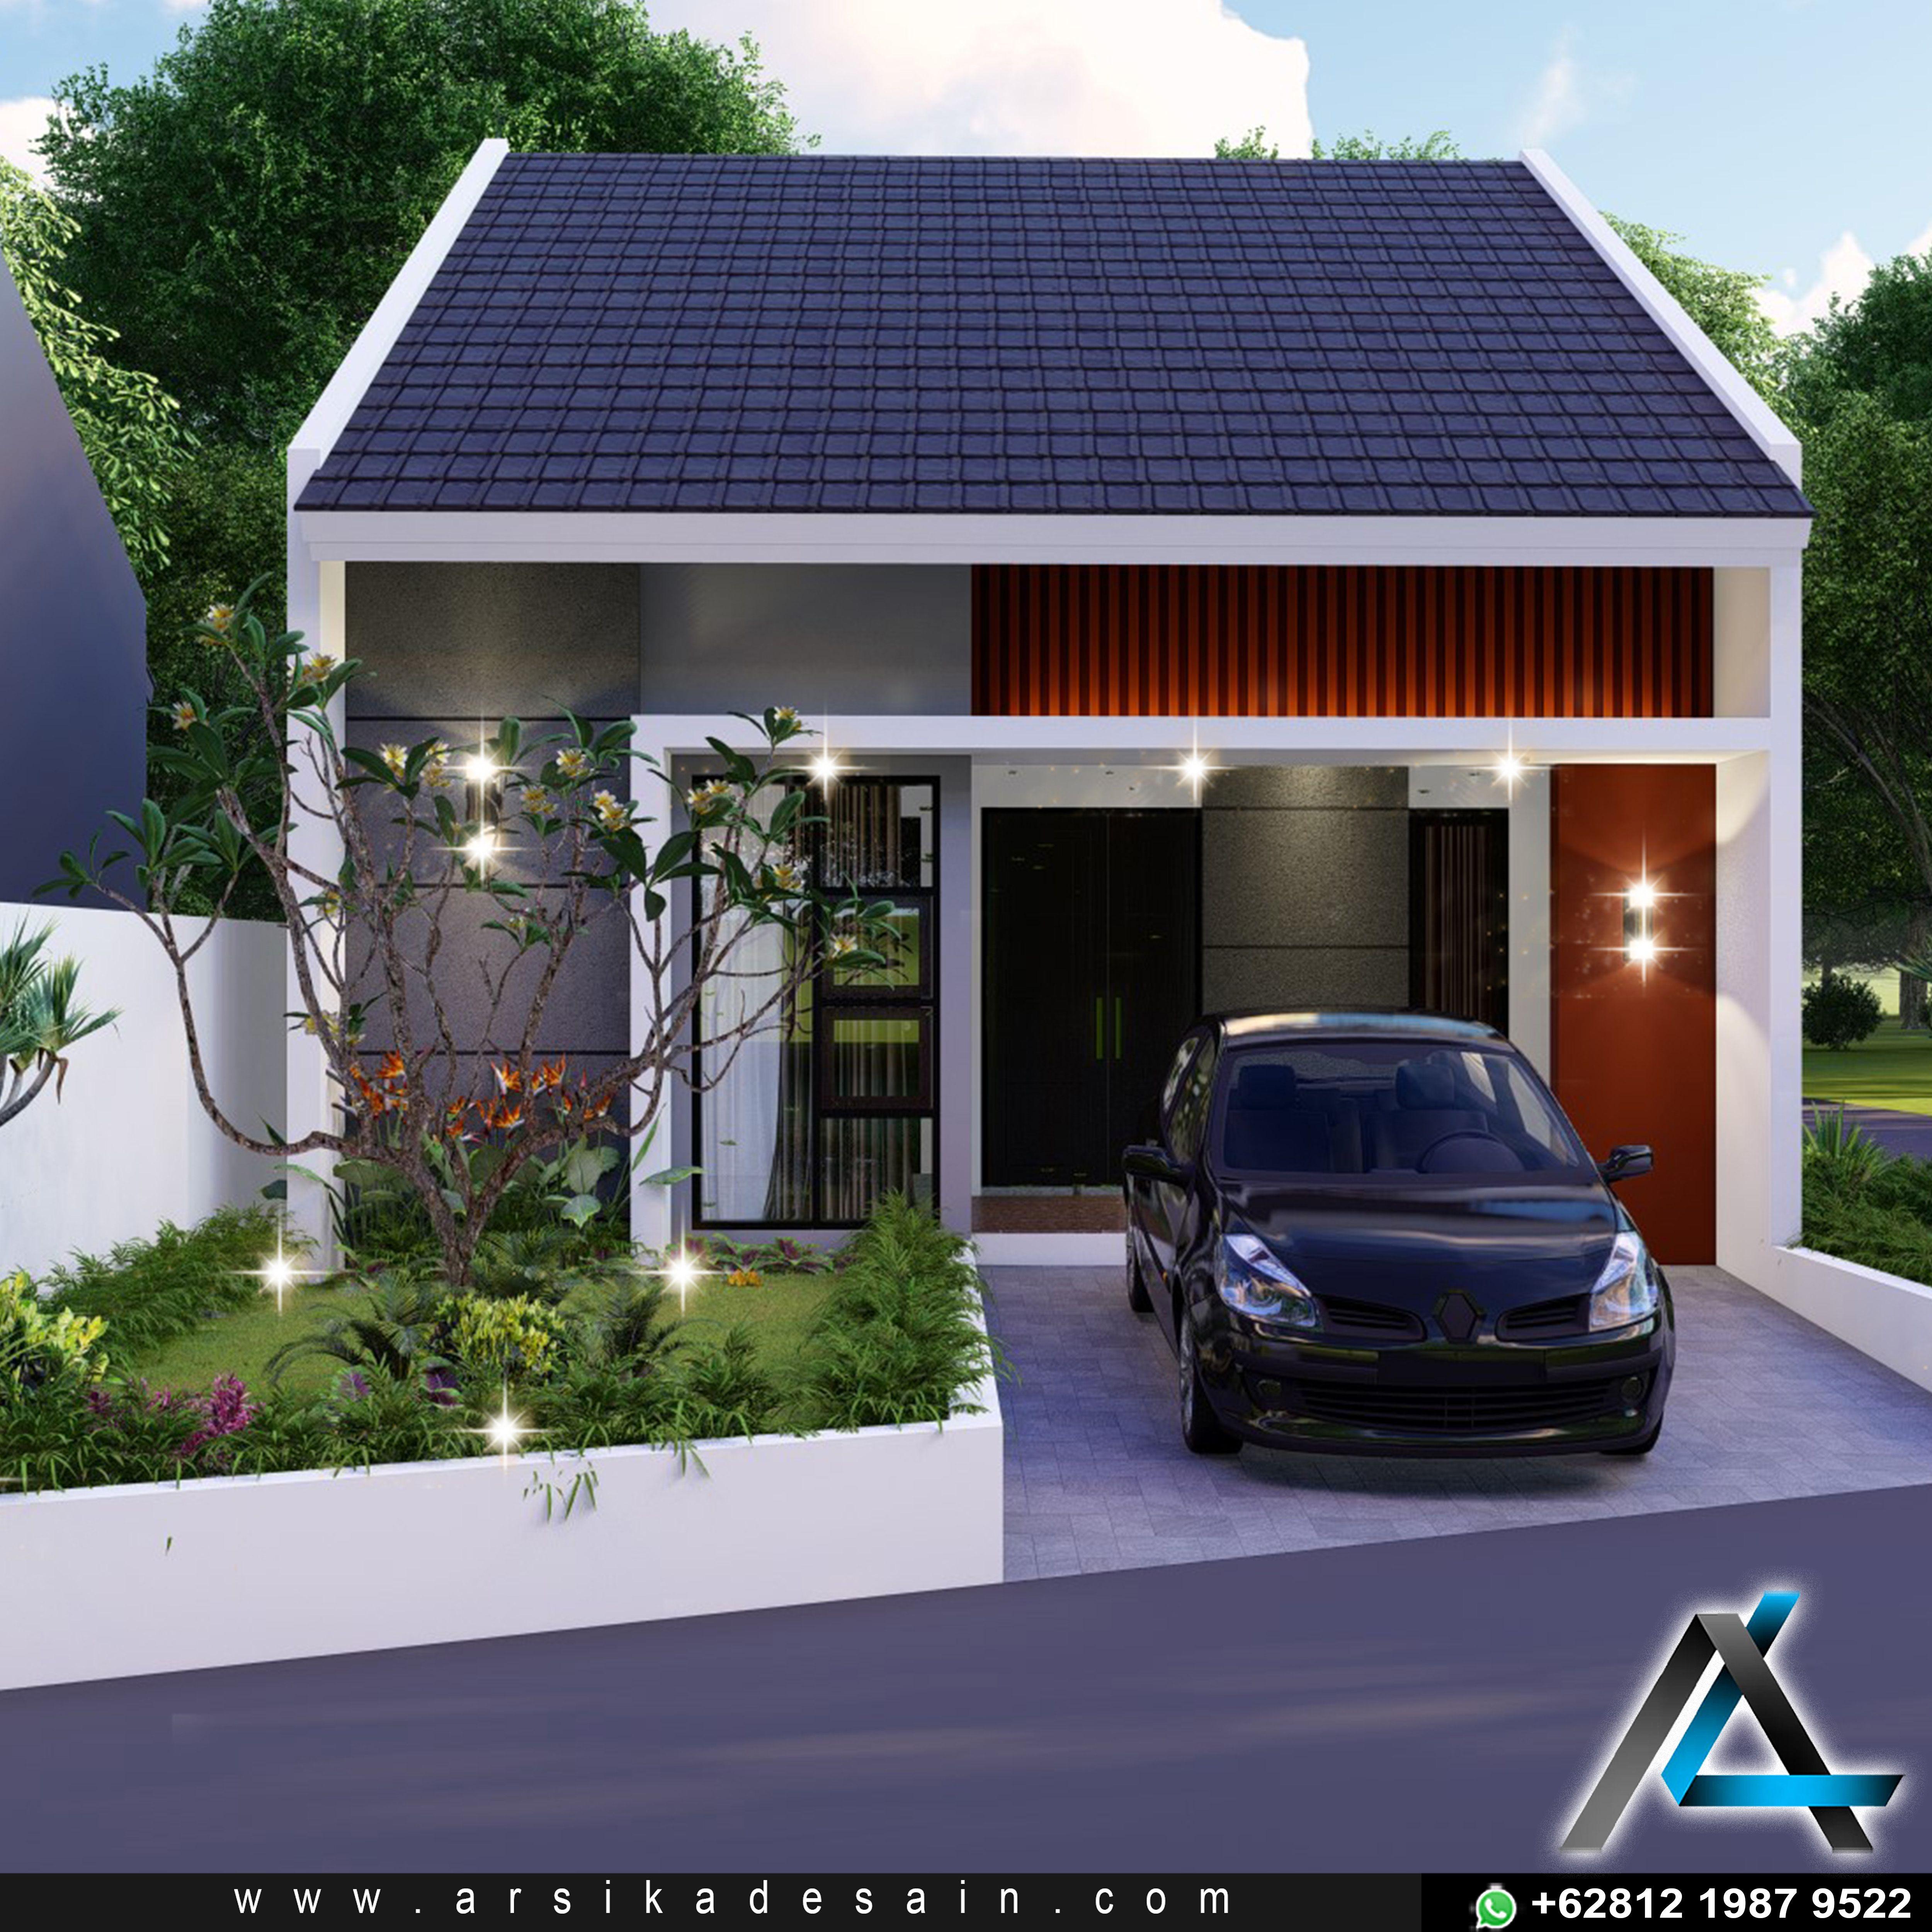 Desain Rumah Minimalis Modern Di 2021 Rumah Minimalis Desain Rumah Rumah Bangsawan